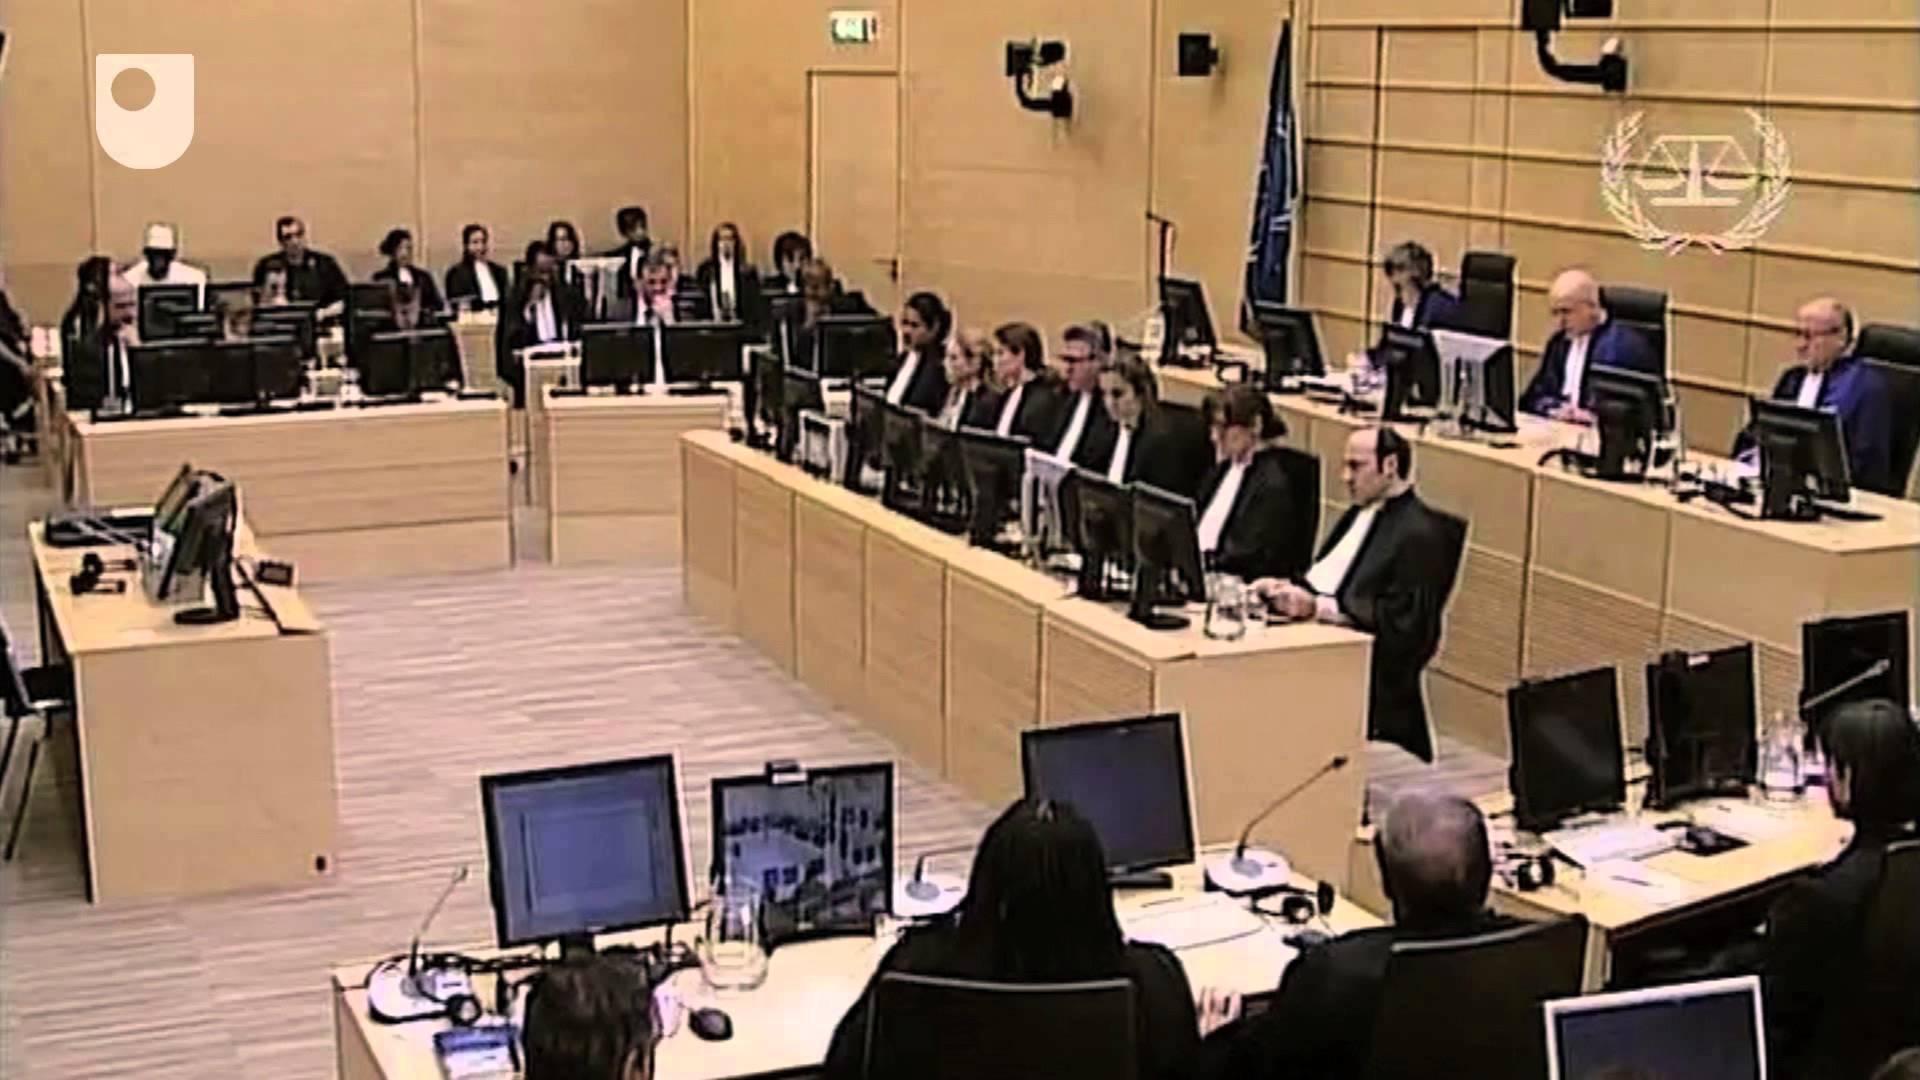 Udienza alla Corte Penale Internazionale